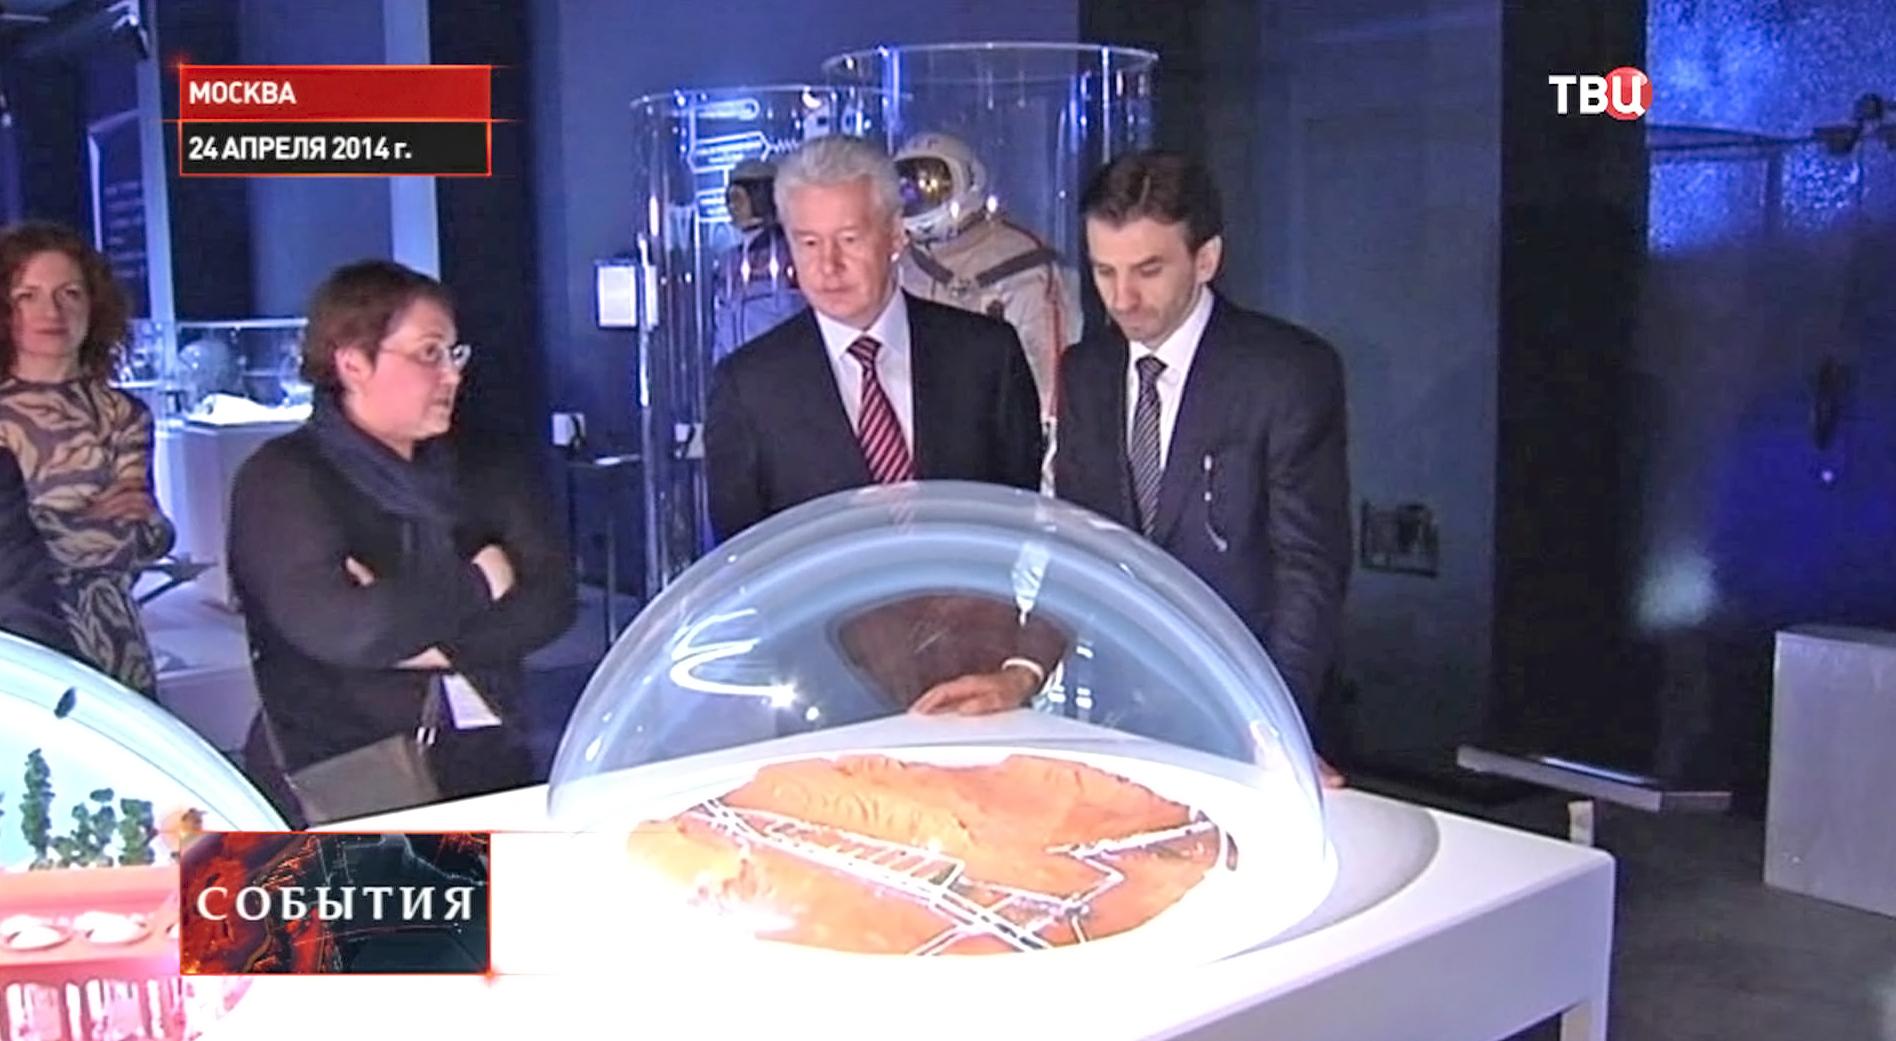 Сергей Собянин на выставке Политехнического музея ВВЦ